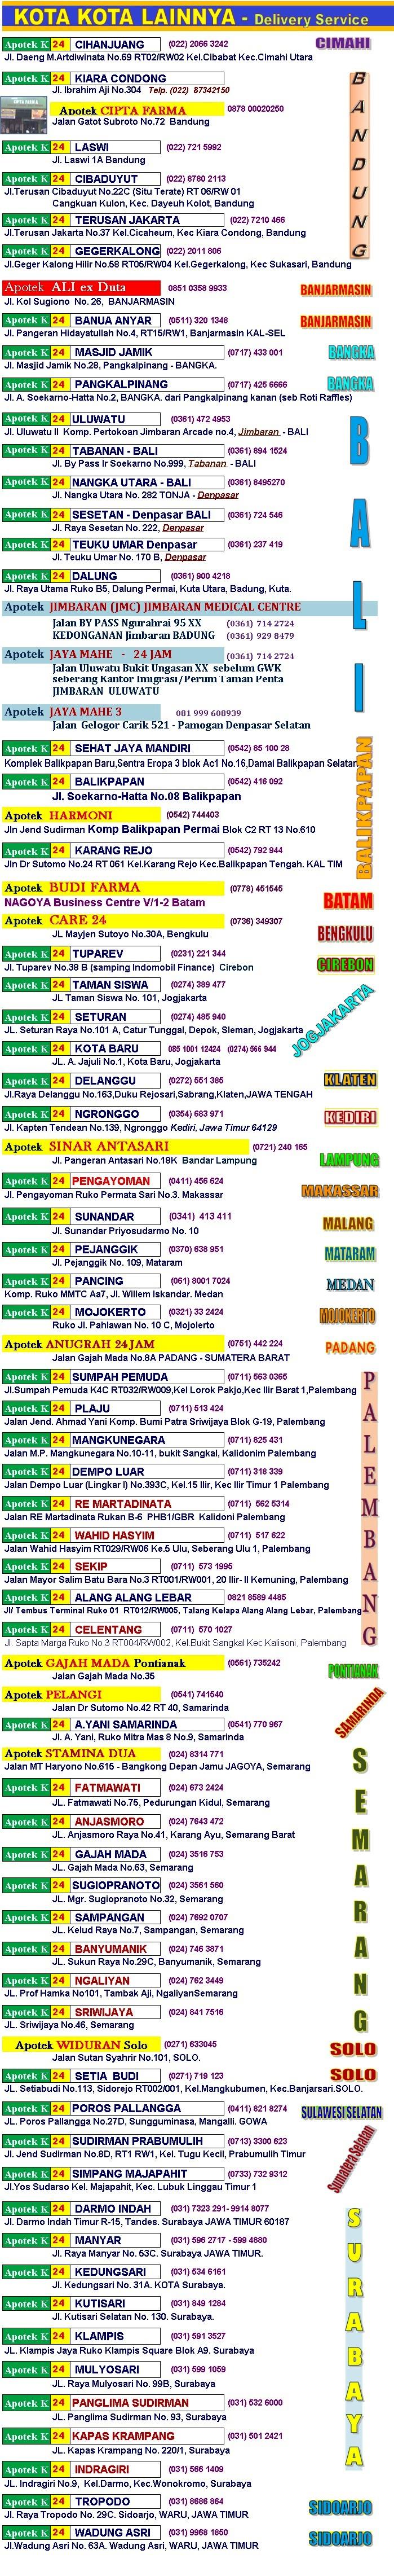 APOTEK OBAT KUAT di INDONESIA. Hati-hati obat kuat PALSU! dari pemeriksaan berkala iklan telah kami cabut dari beberapa apotik yang ternyata menjual obat kuat barang PALSU. Apotek obat kuat Hp/WA Jepri 0857 1118 1115